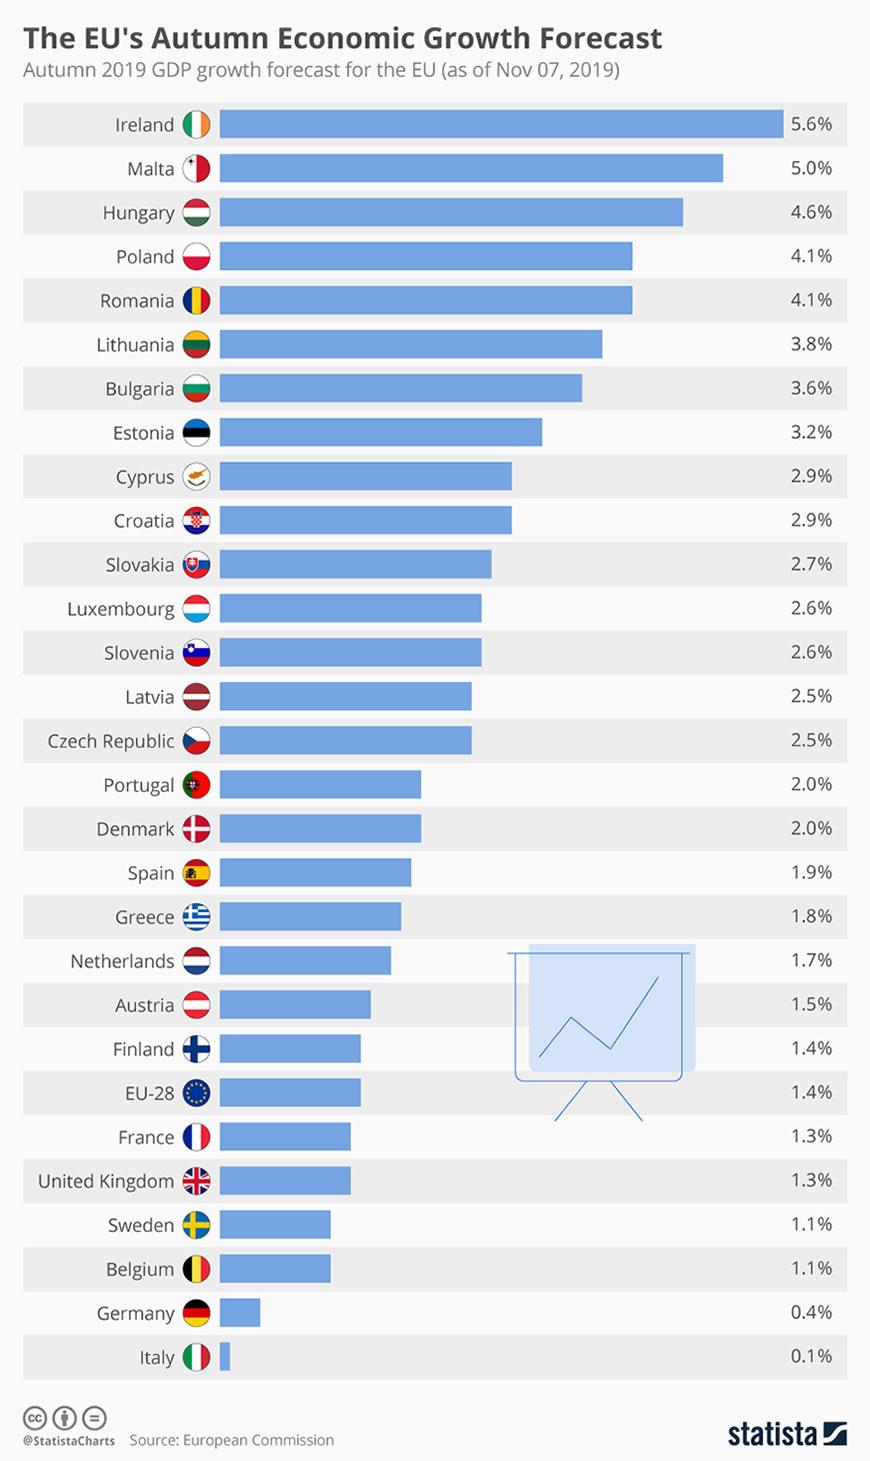 EU Economic Growth Forecast